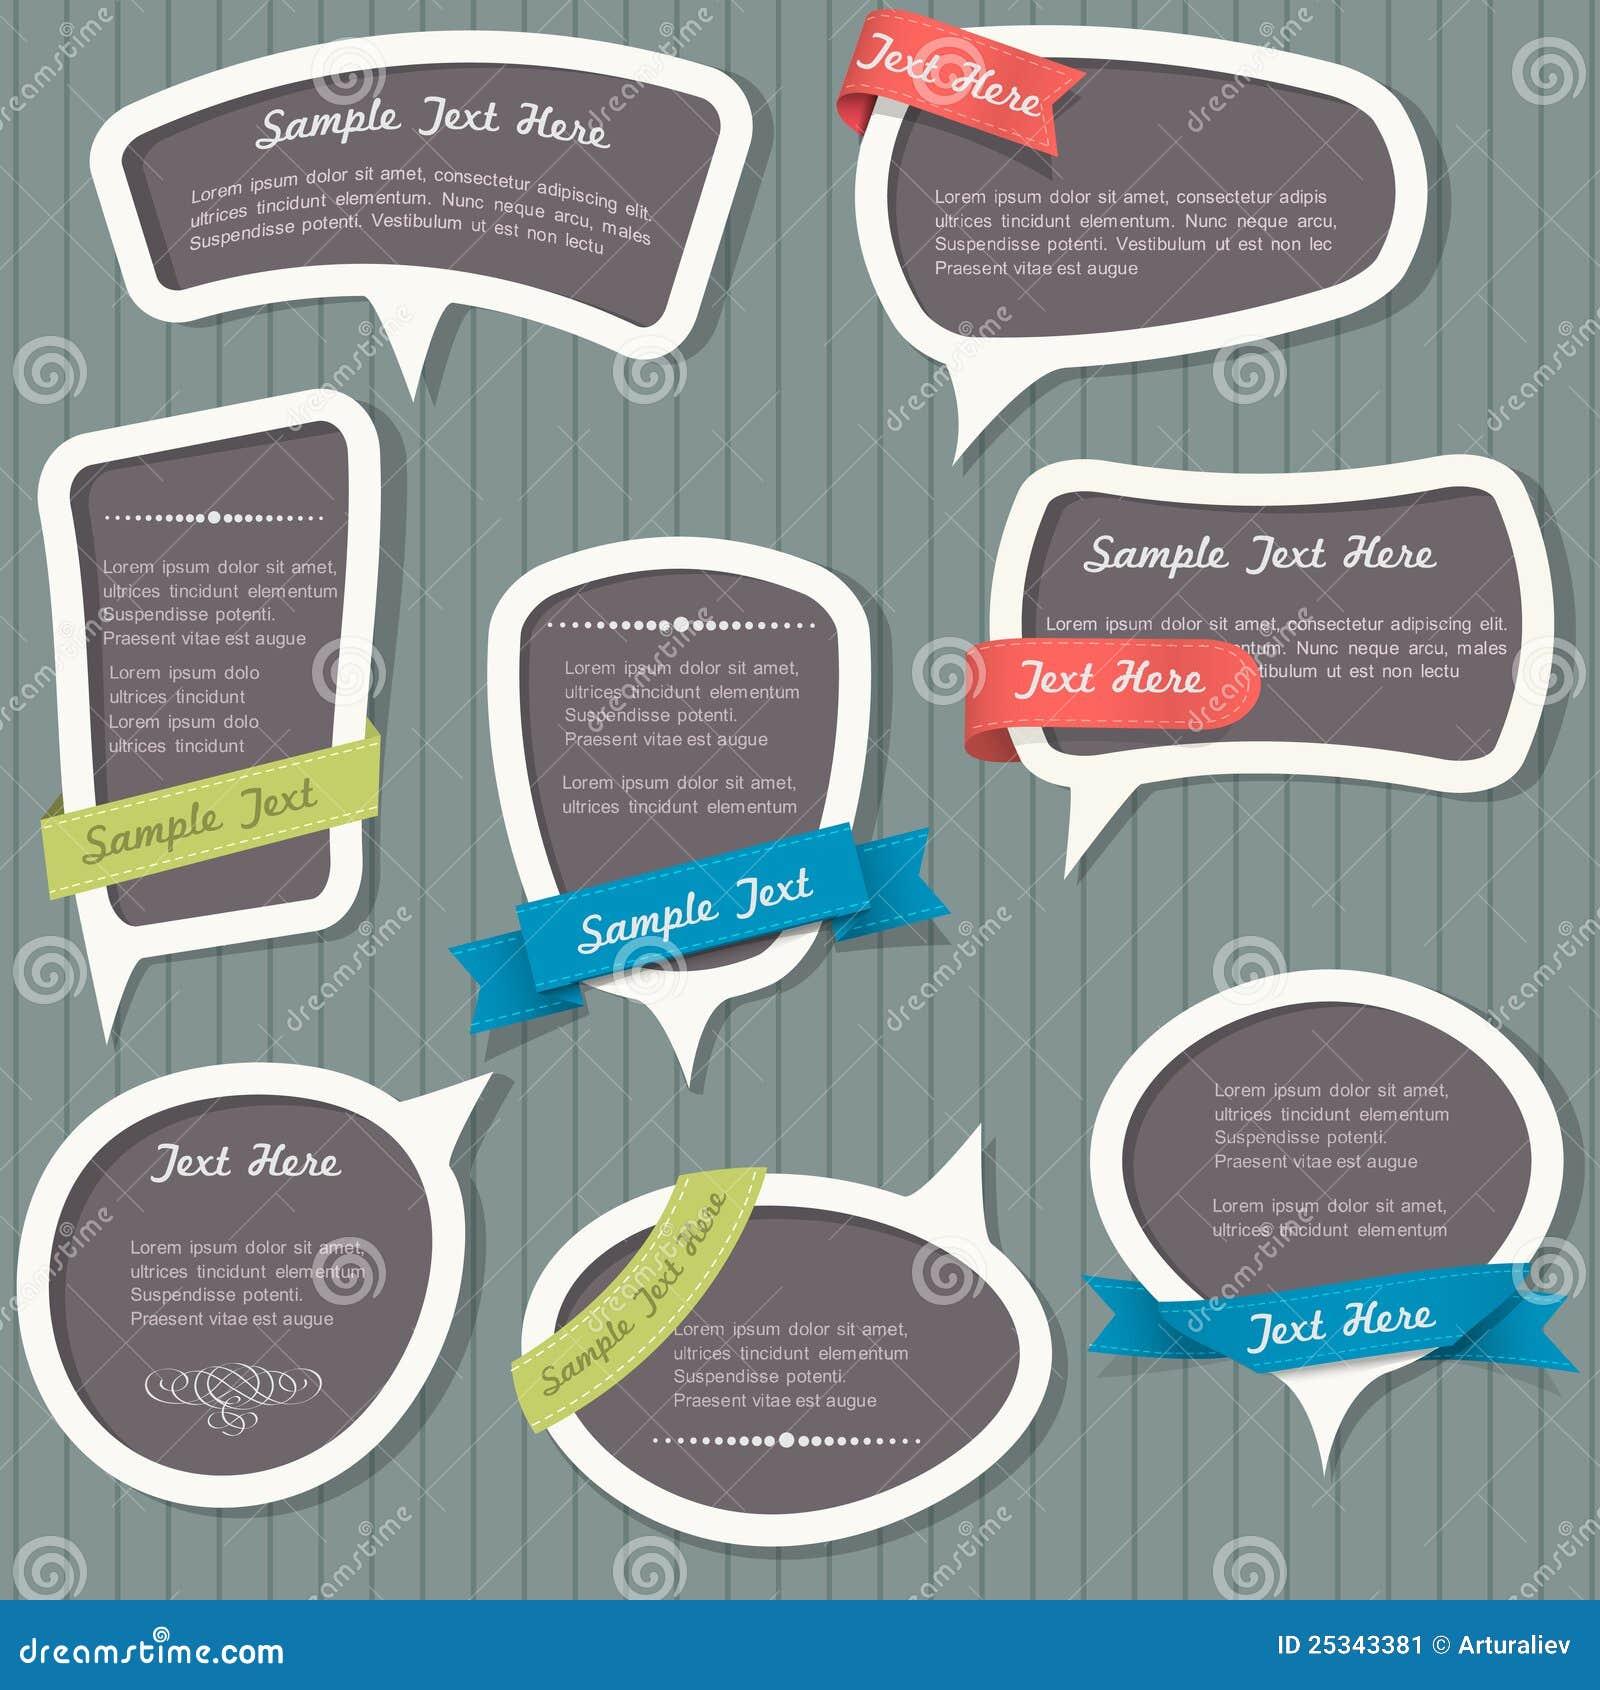 Speech bubbles in vintage style